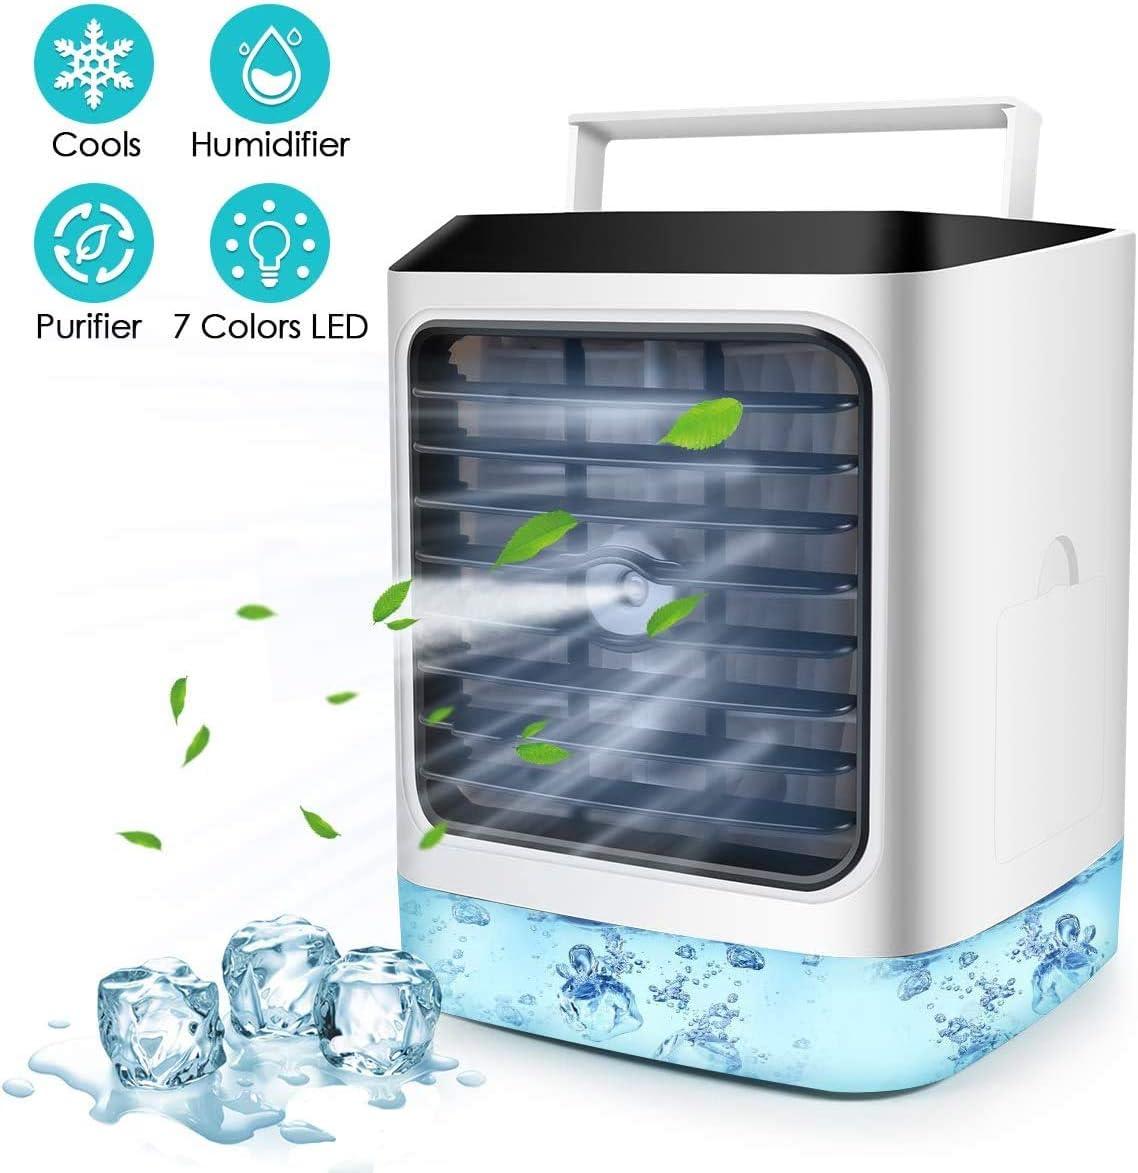 Aire acondicionado portátil, 4 en 1, mini refrigerador de aire de espacio personal, humidificador, ventilador de escritorio con 3 velocidades para el hogar, la oficina